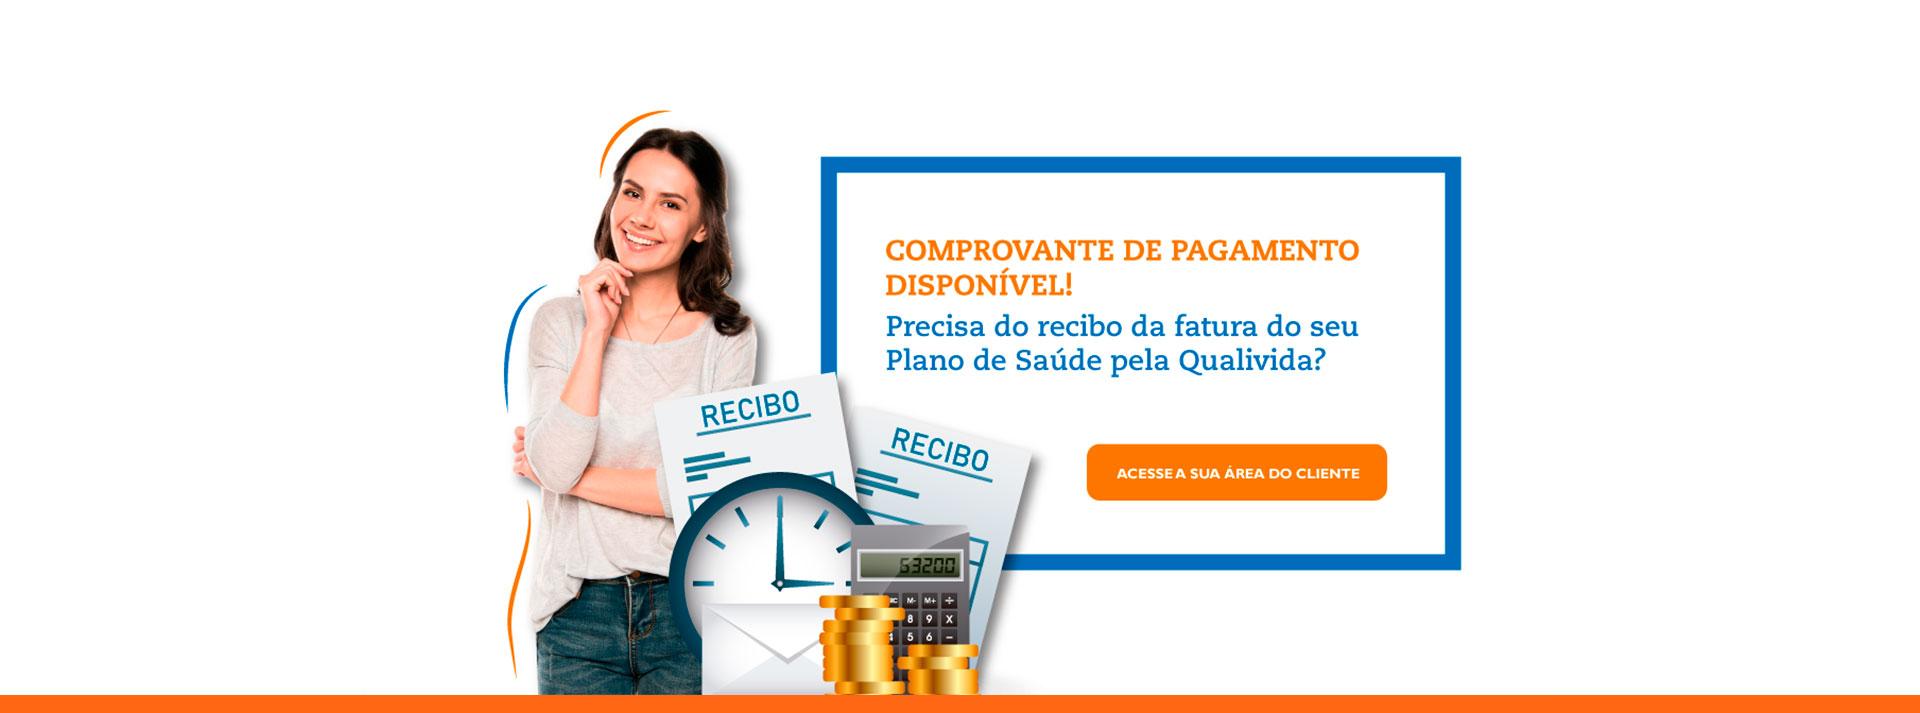 006-comunicado-comprovante-rendimentos-imposto